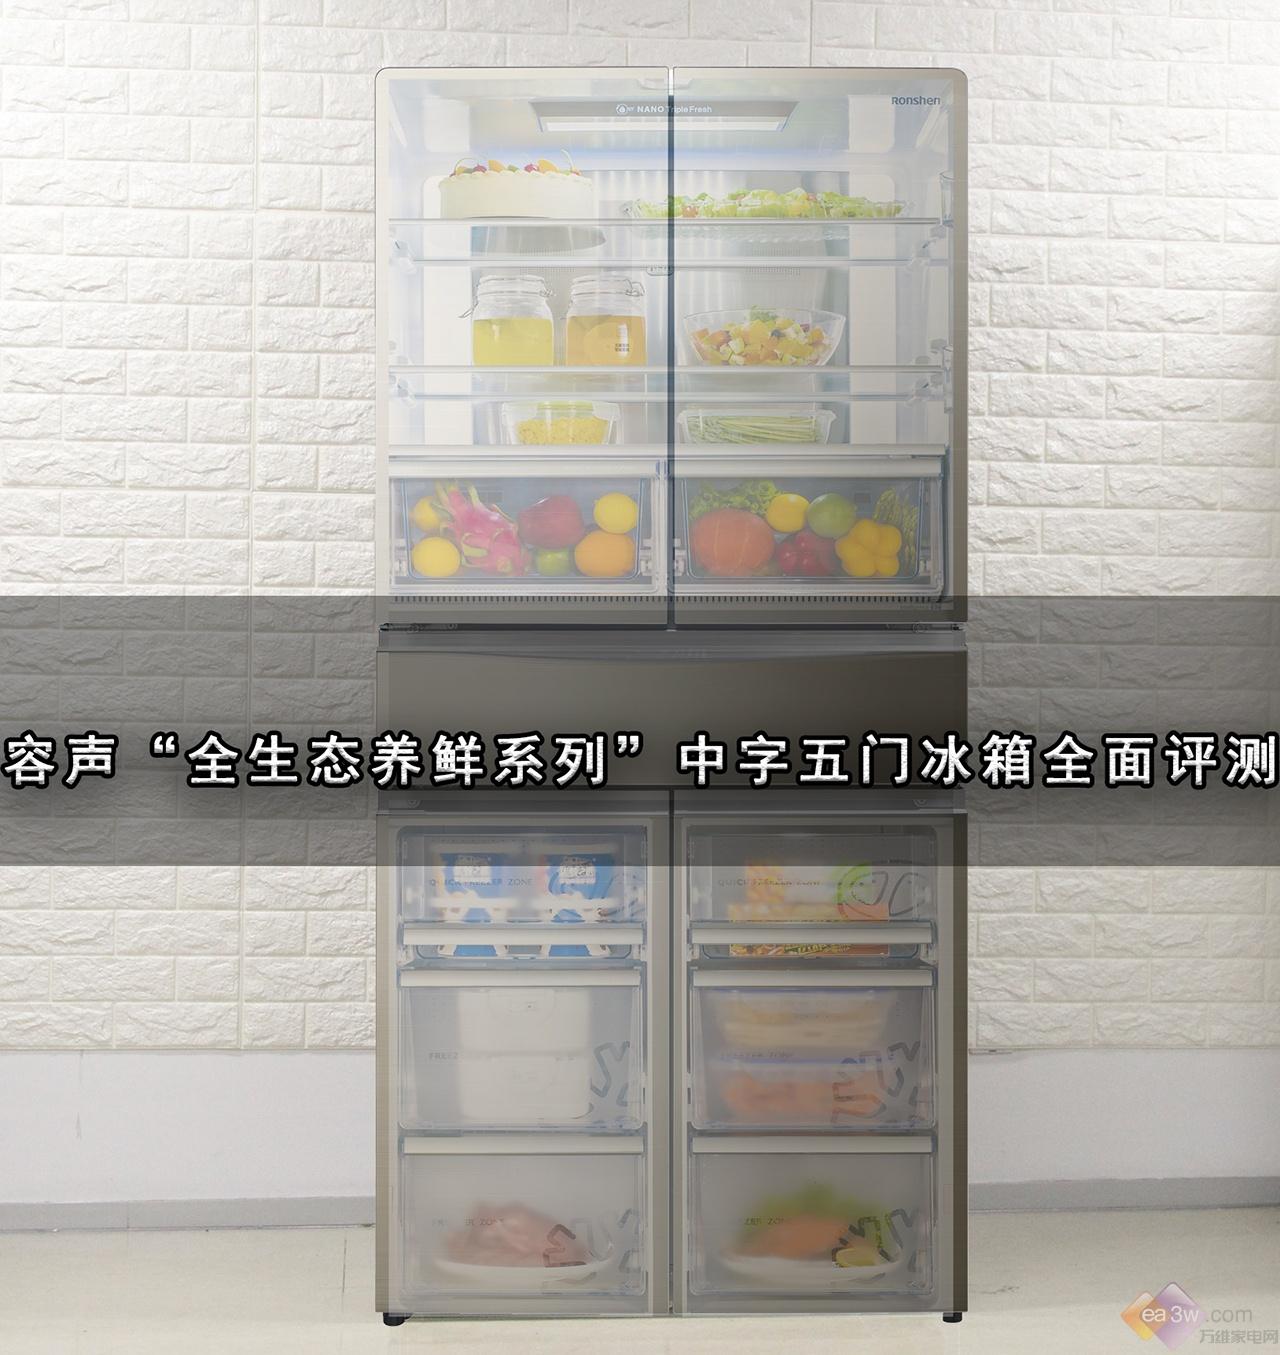 """均温风道更保鲜!容声""""全生态养鲜系列""""中字五门冰箱全面评测"""